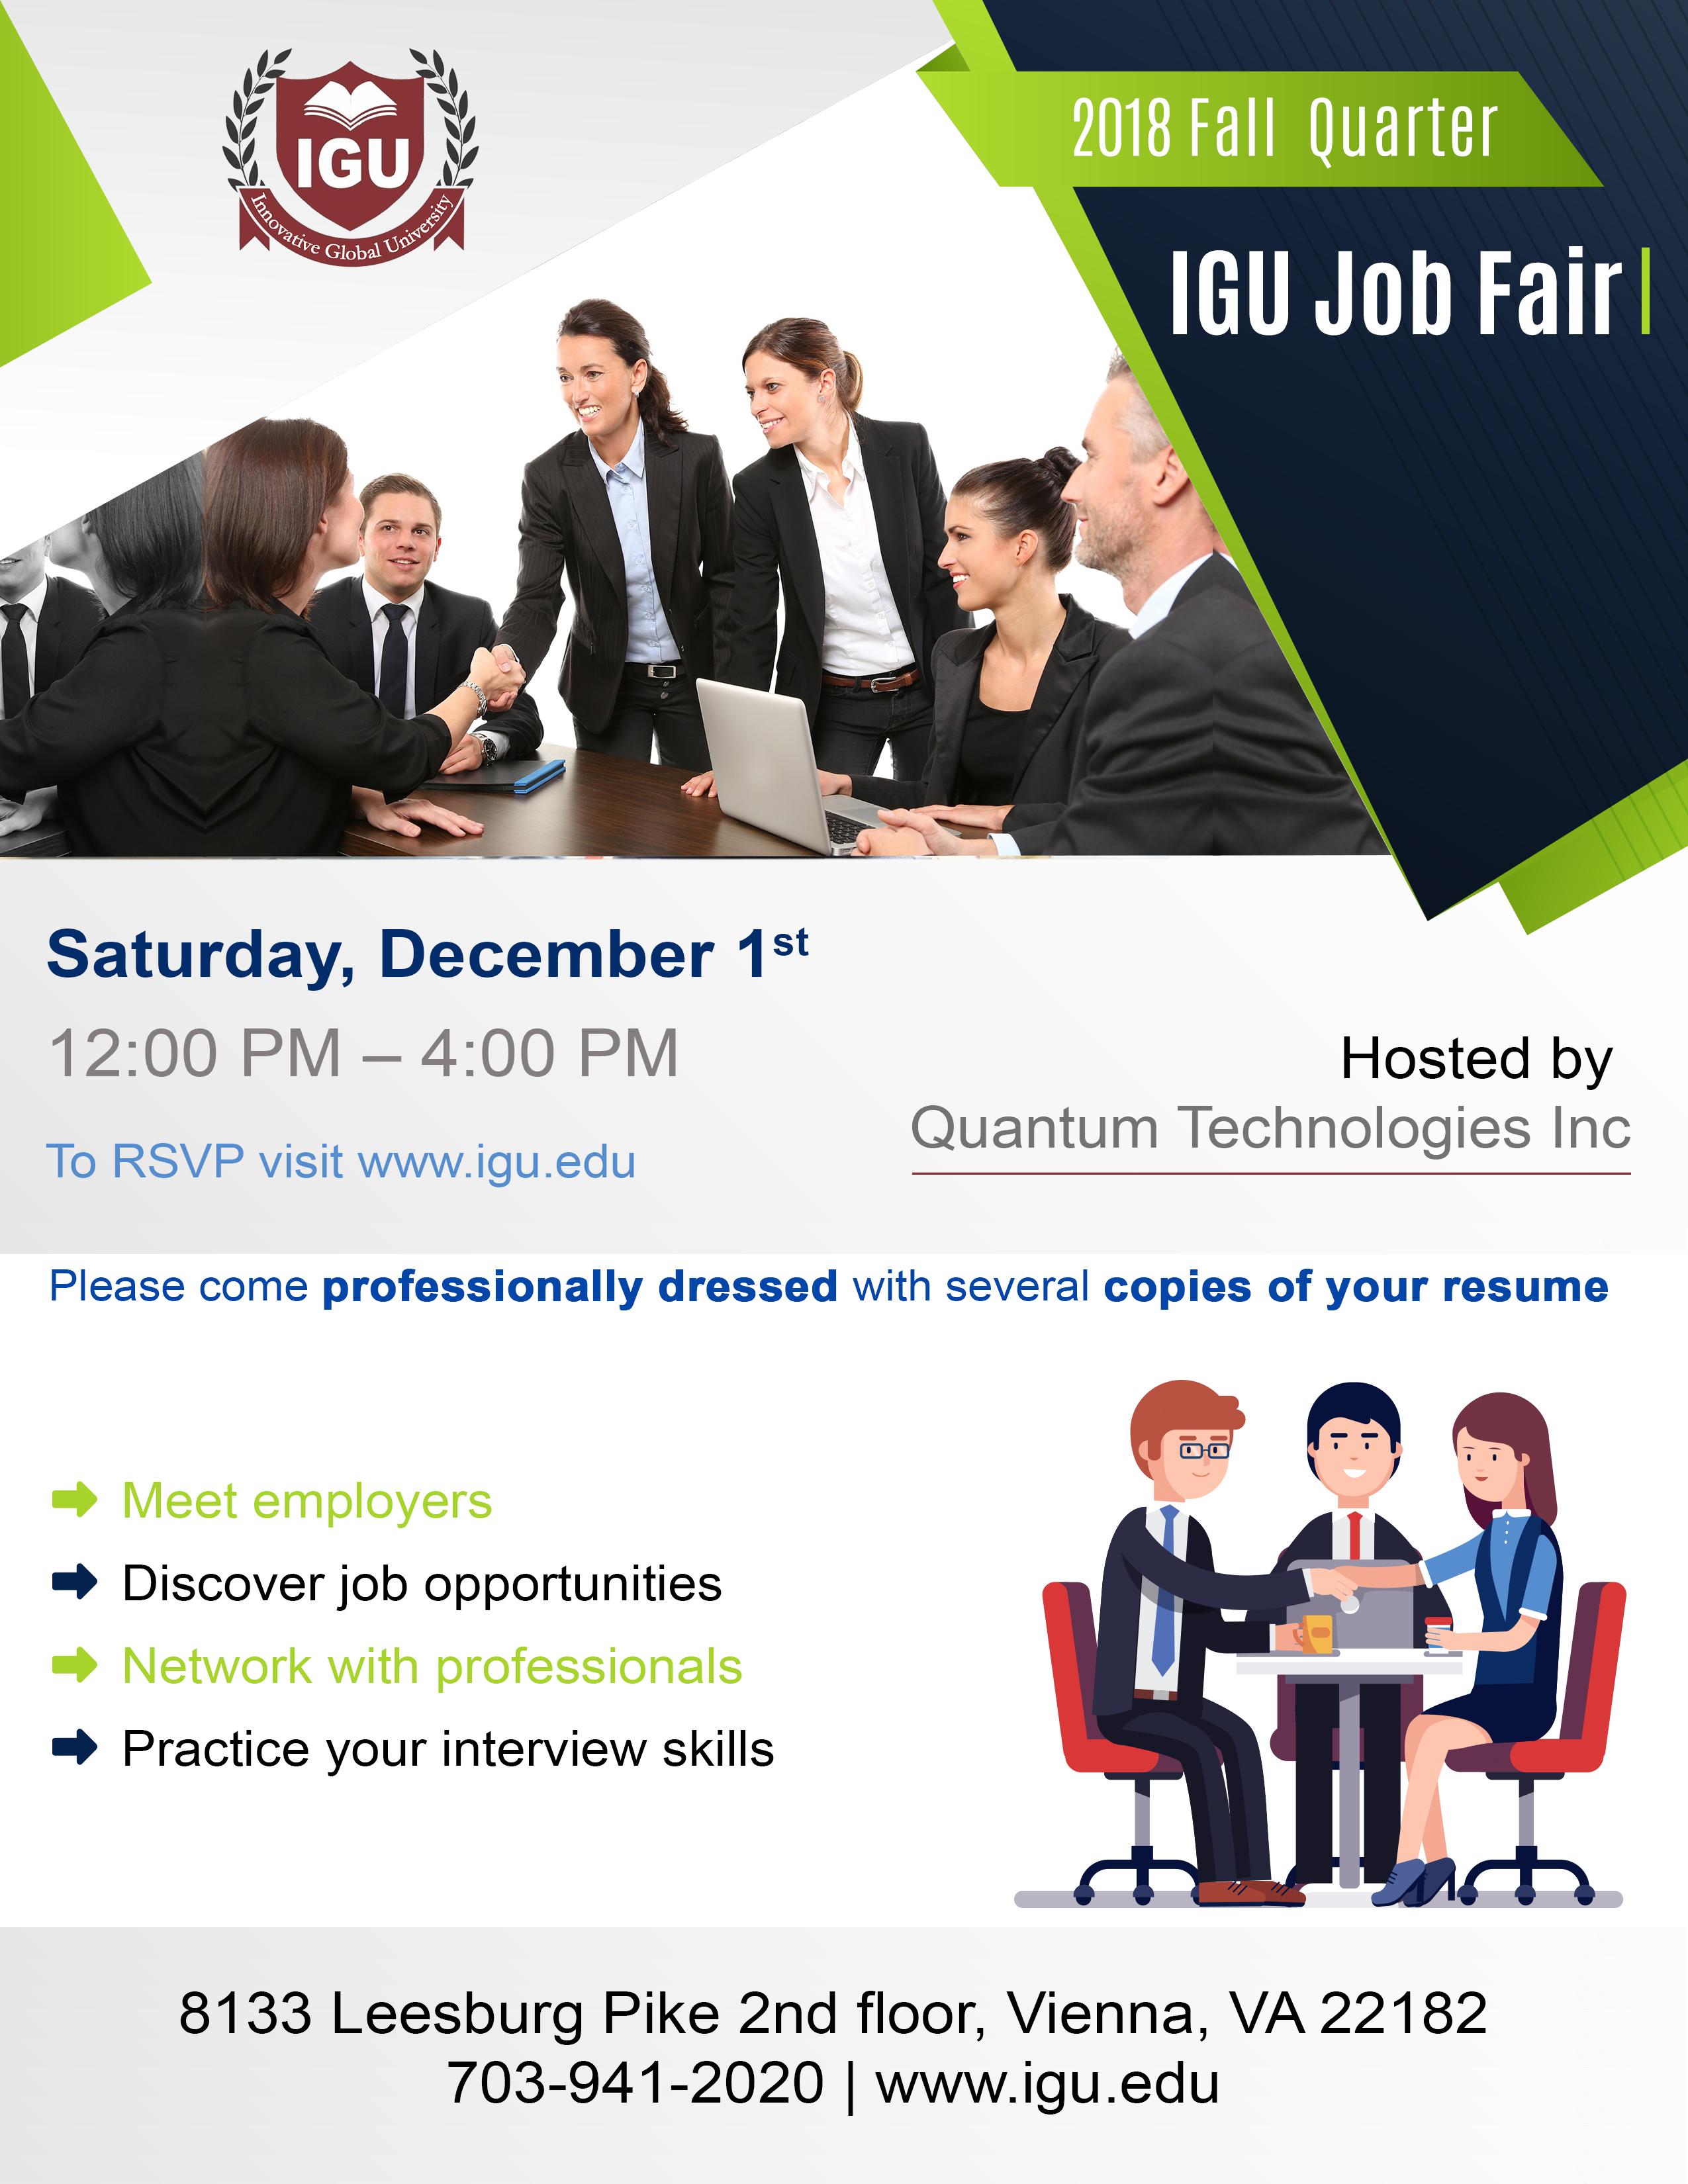 Diversity Career Fair 2020.Igu Job Fair 2018 Fall